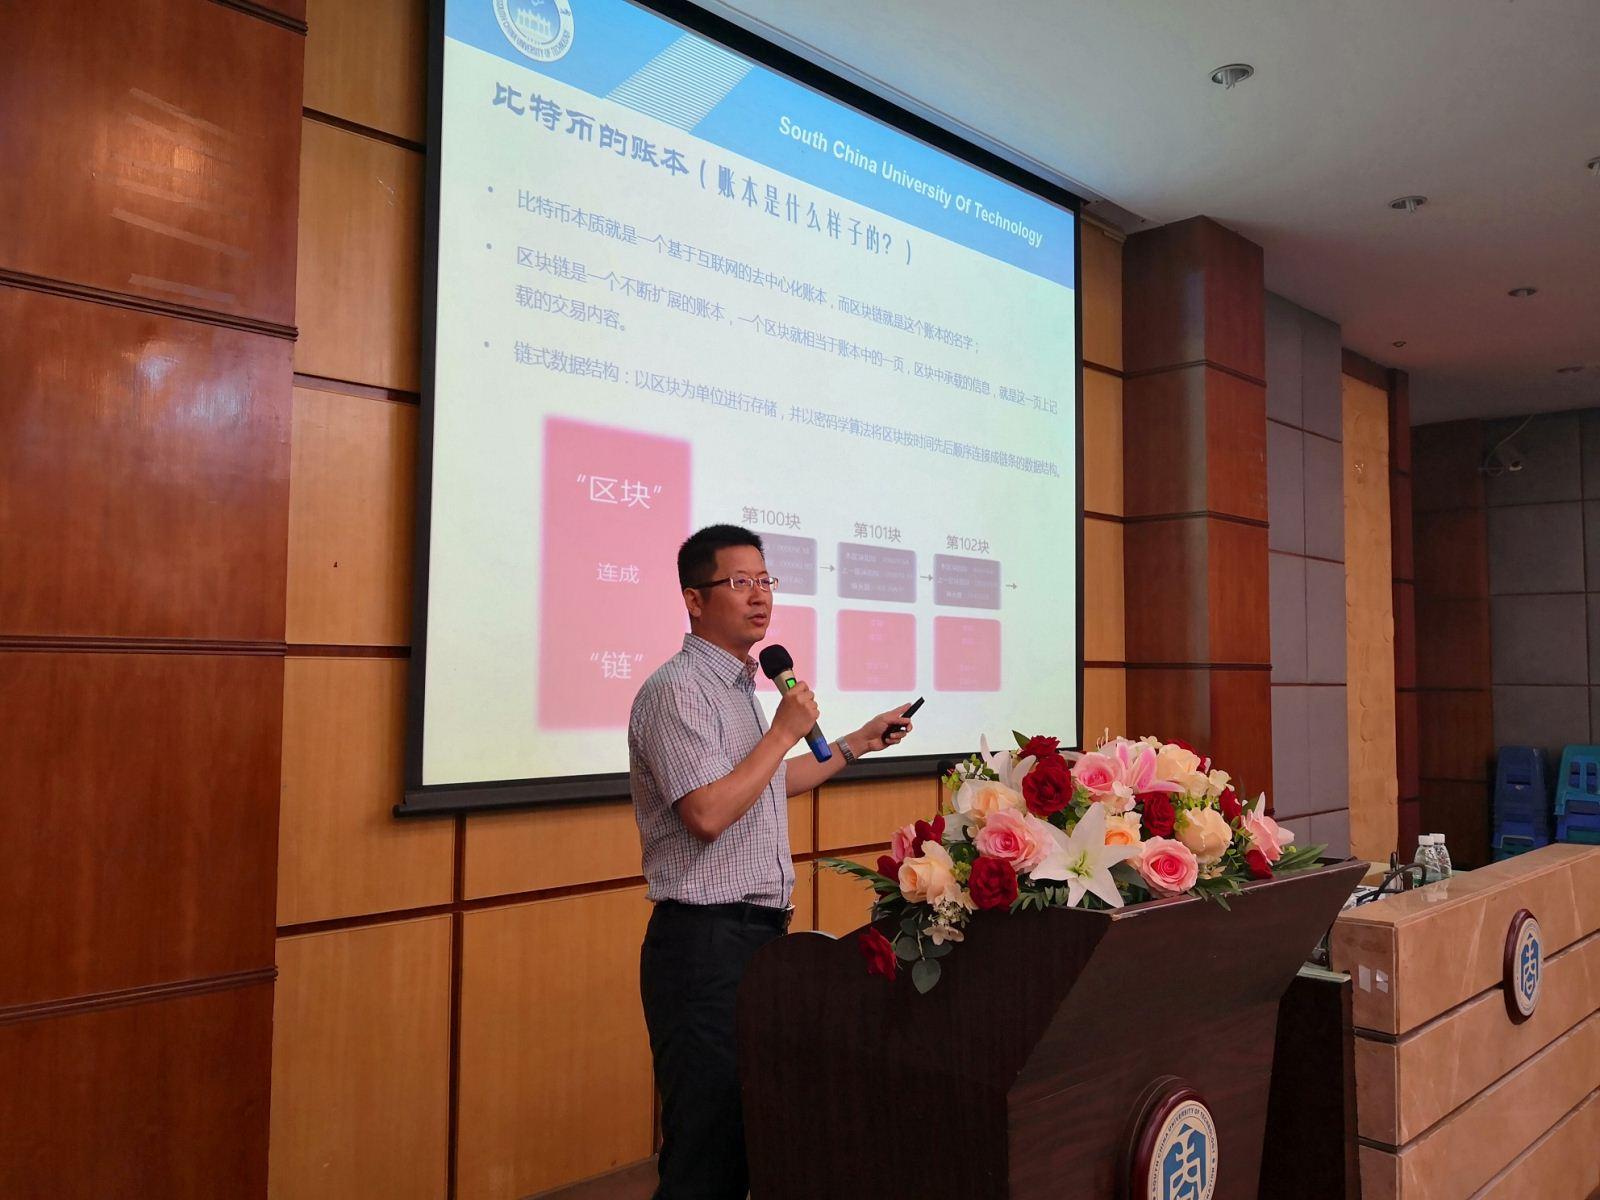 华南理工大学2019MBA首场招生公开课成功举办